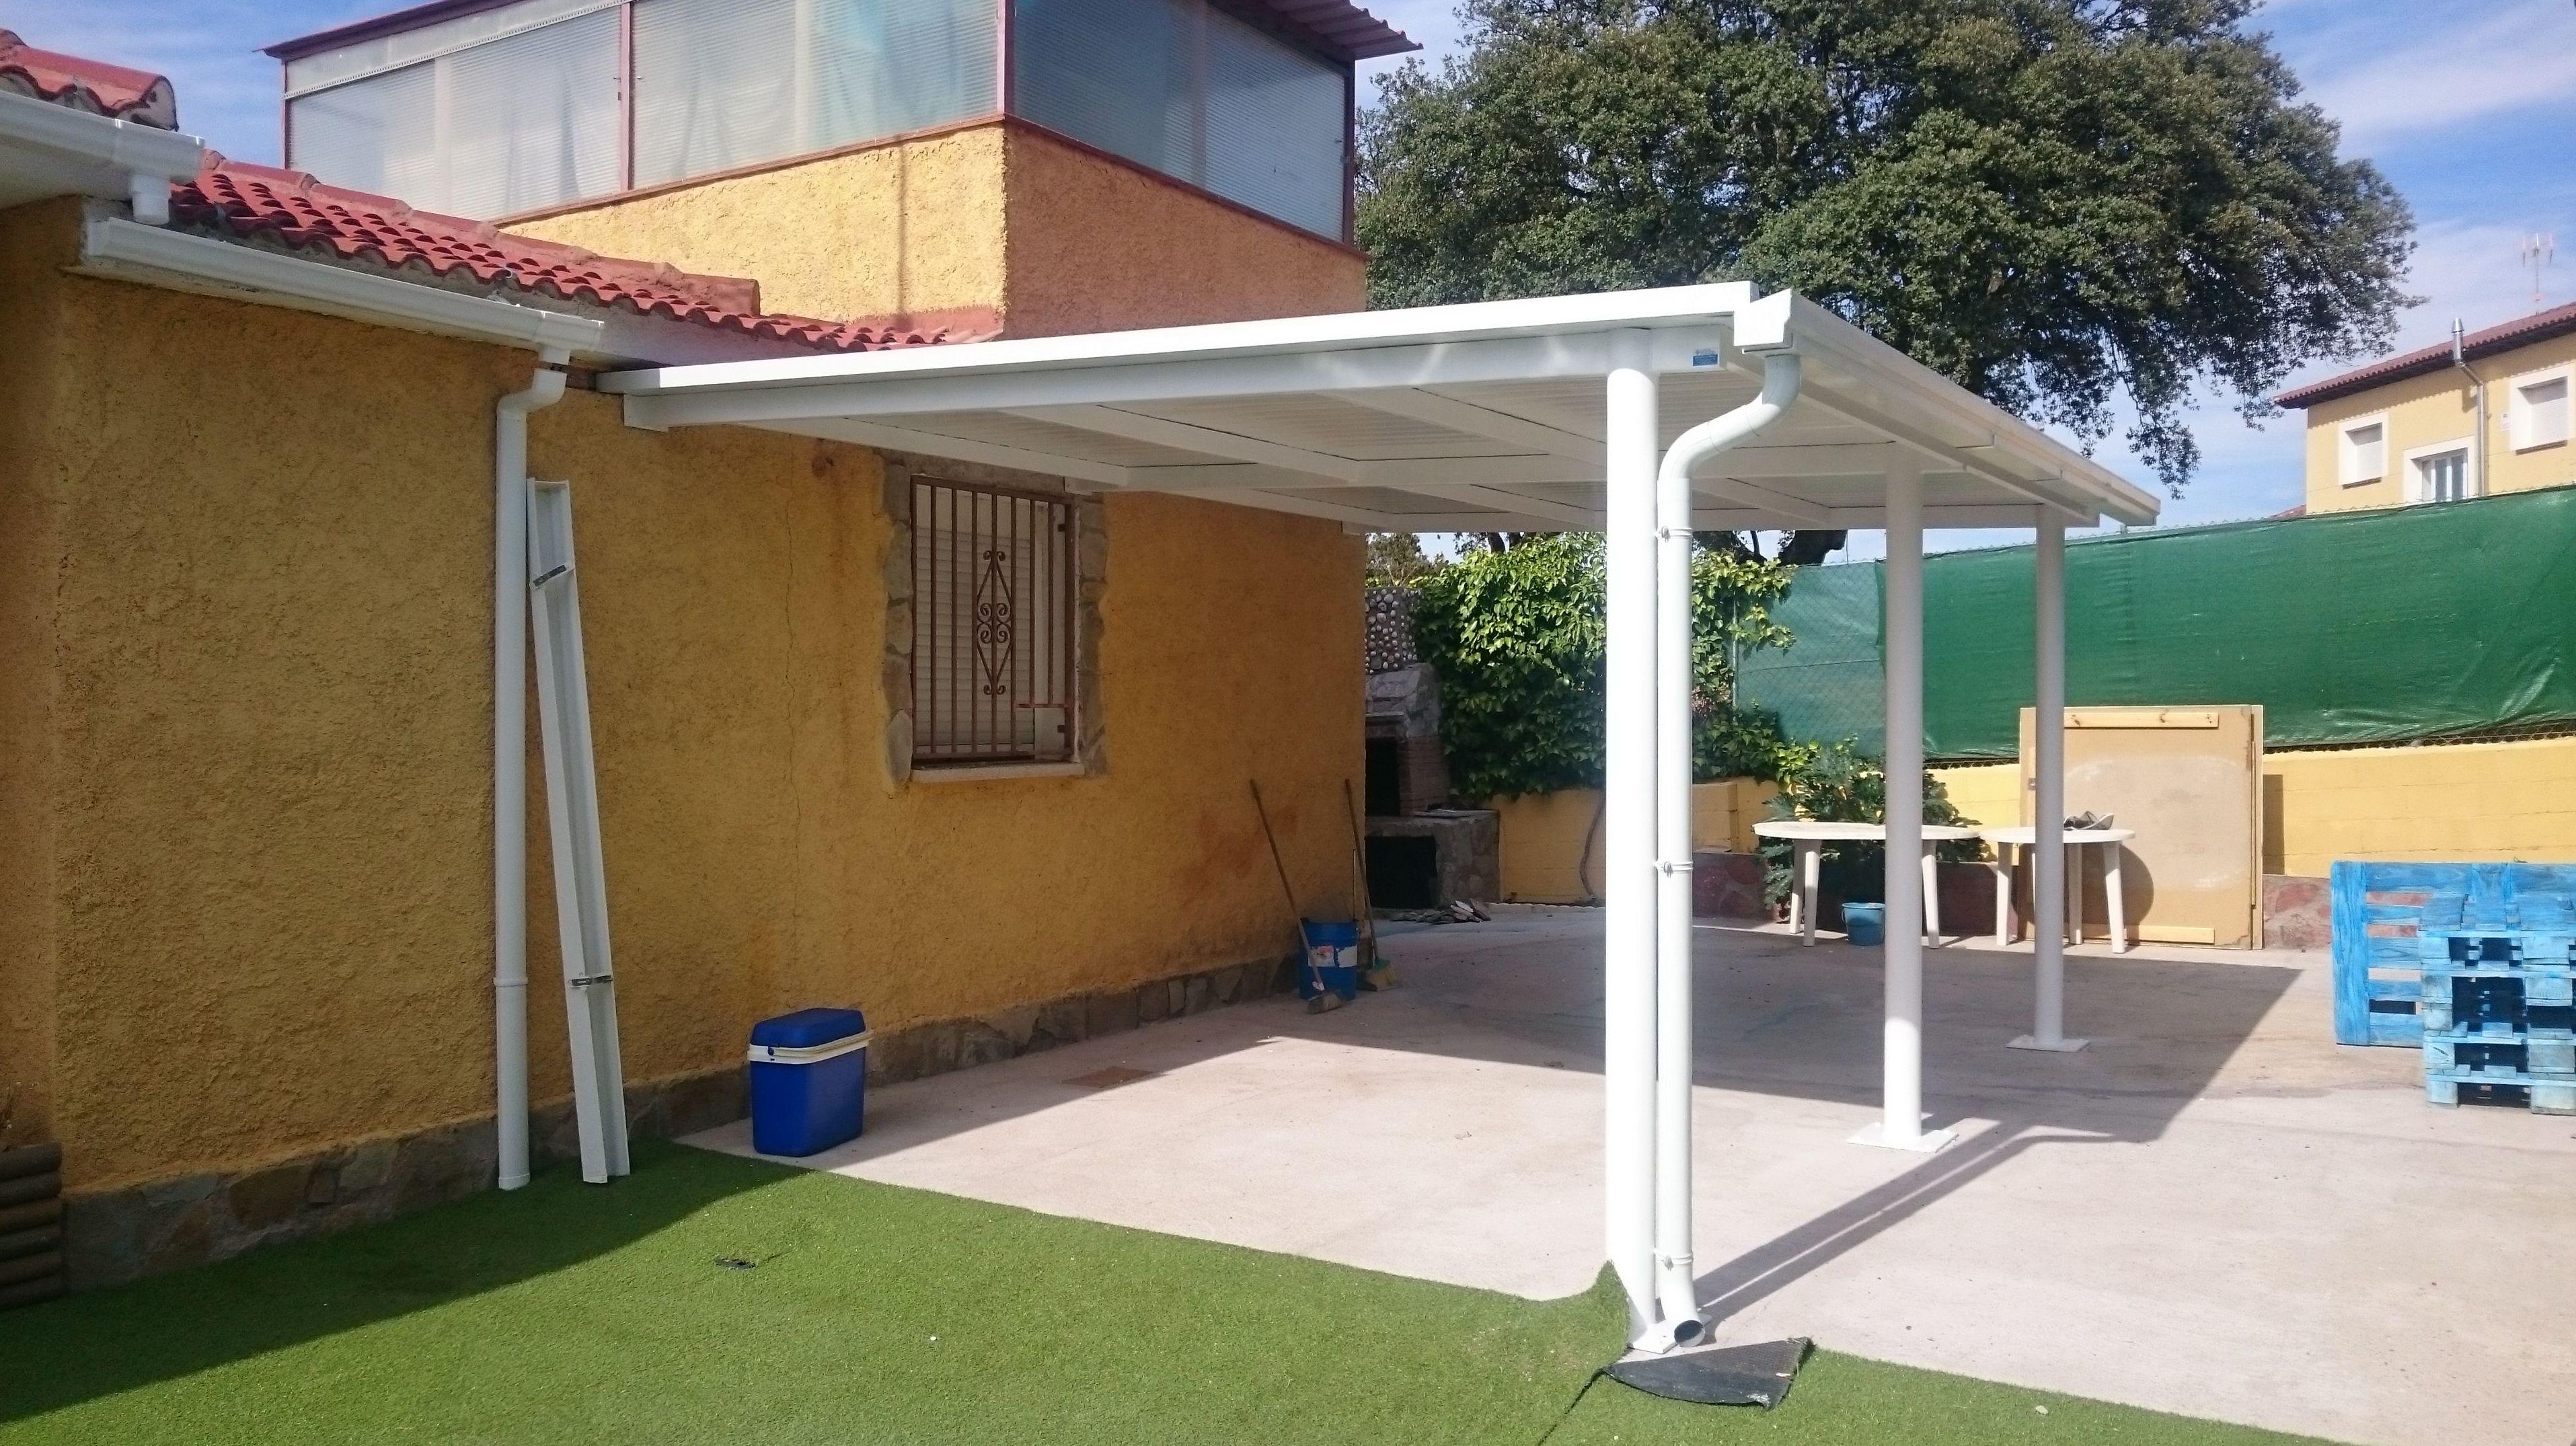 Esructura metálica, cubierta de panel sándwich y canalón para porche junto a vivivenda.t